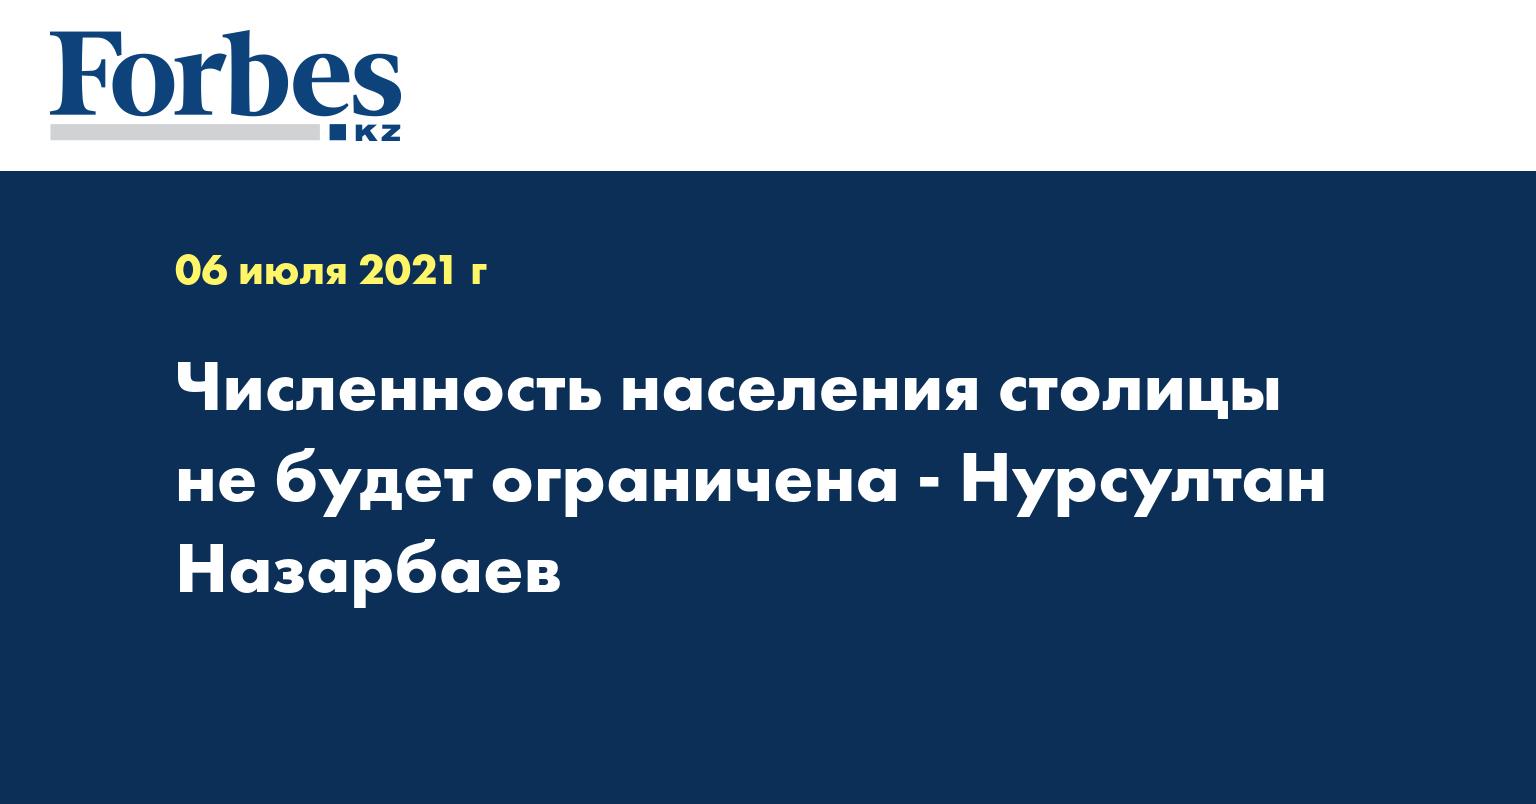 Численность населения столицы не будет ограничена - Нурсултан Назарбаев